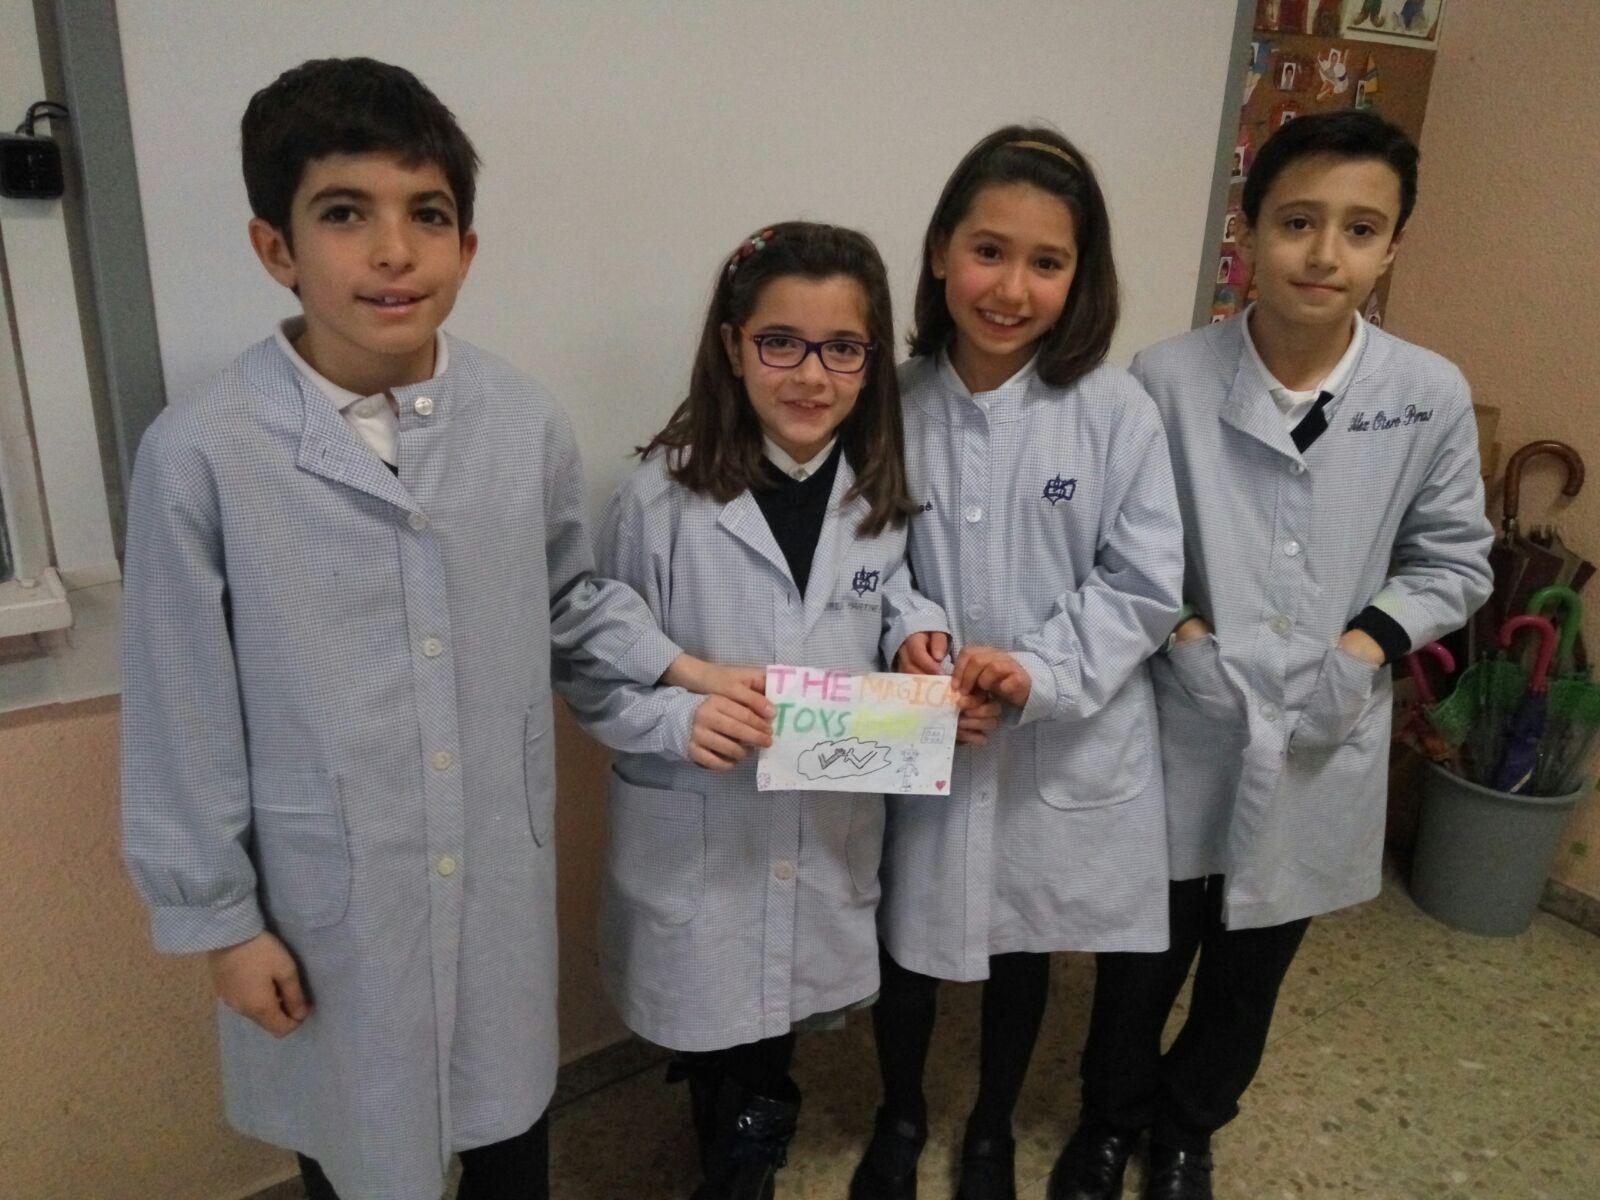 Agustinas Valladolid 2017 - Primaria 4 - English Grammar 2